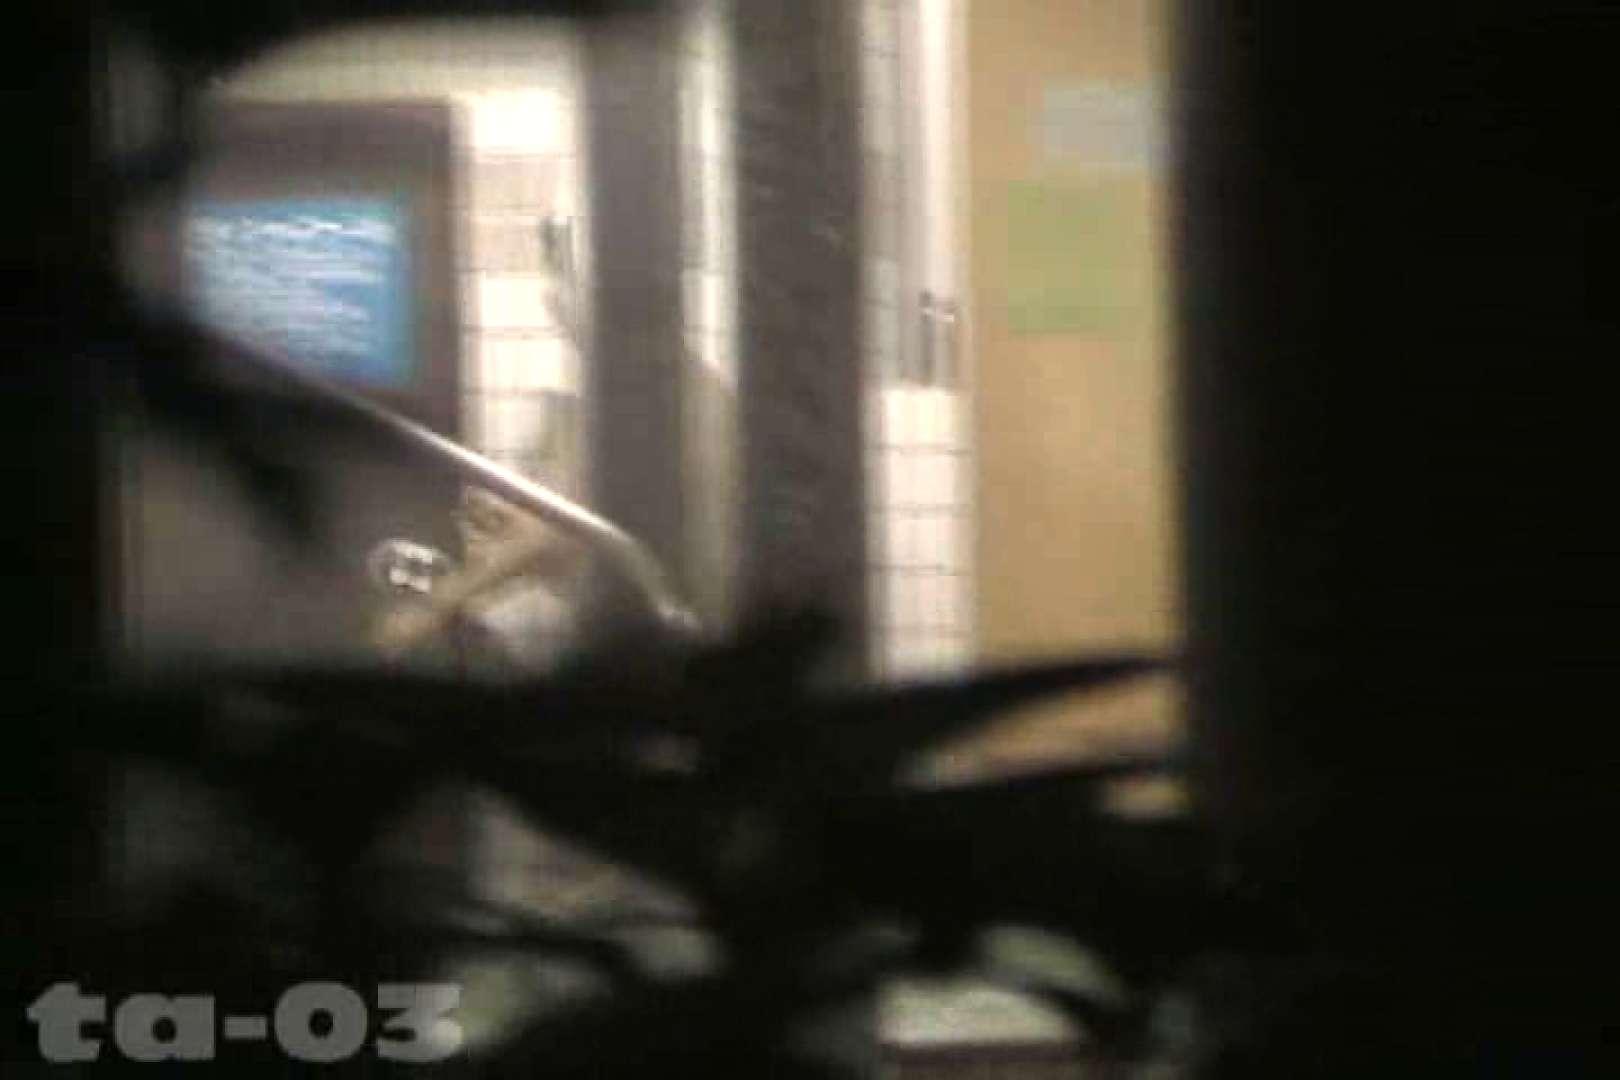 合宿ホテル女風呂盗撮高画質版 Vol.03 女風呂潜入   合宿  59画像 21